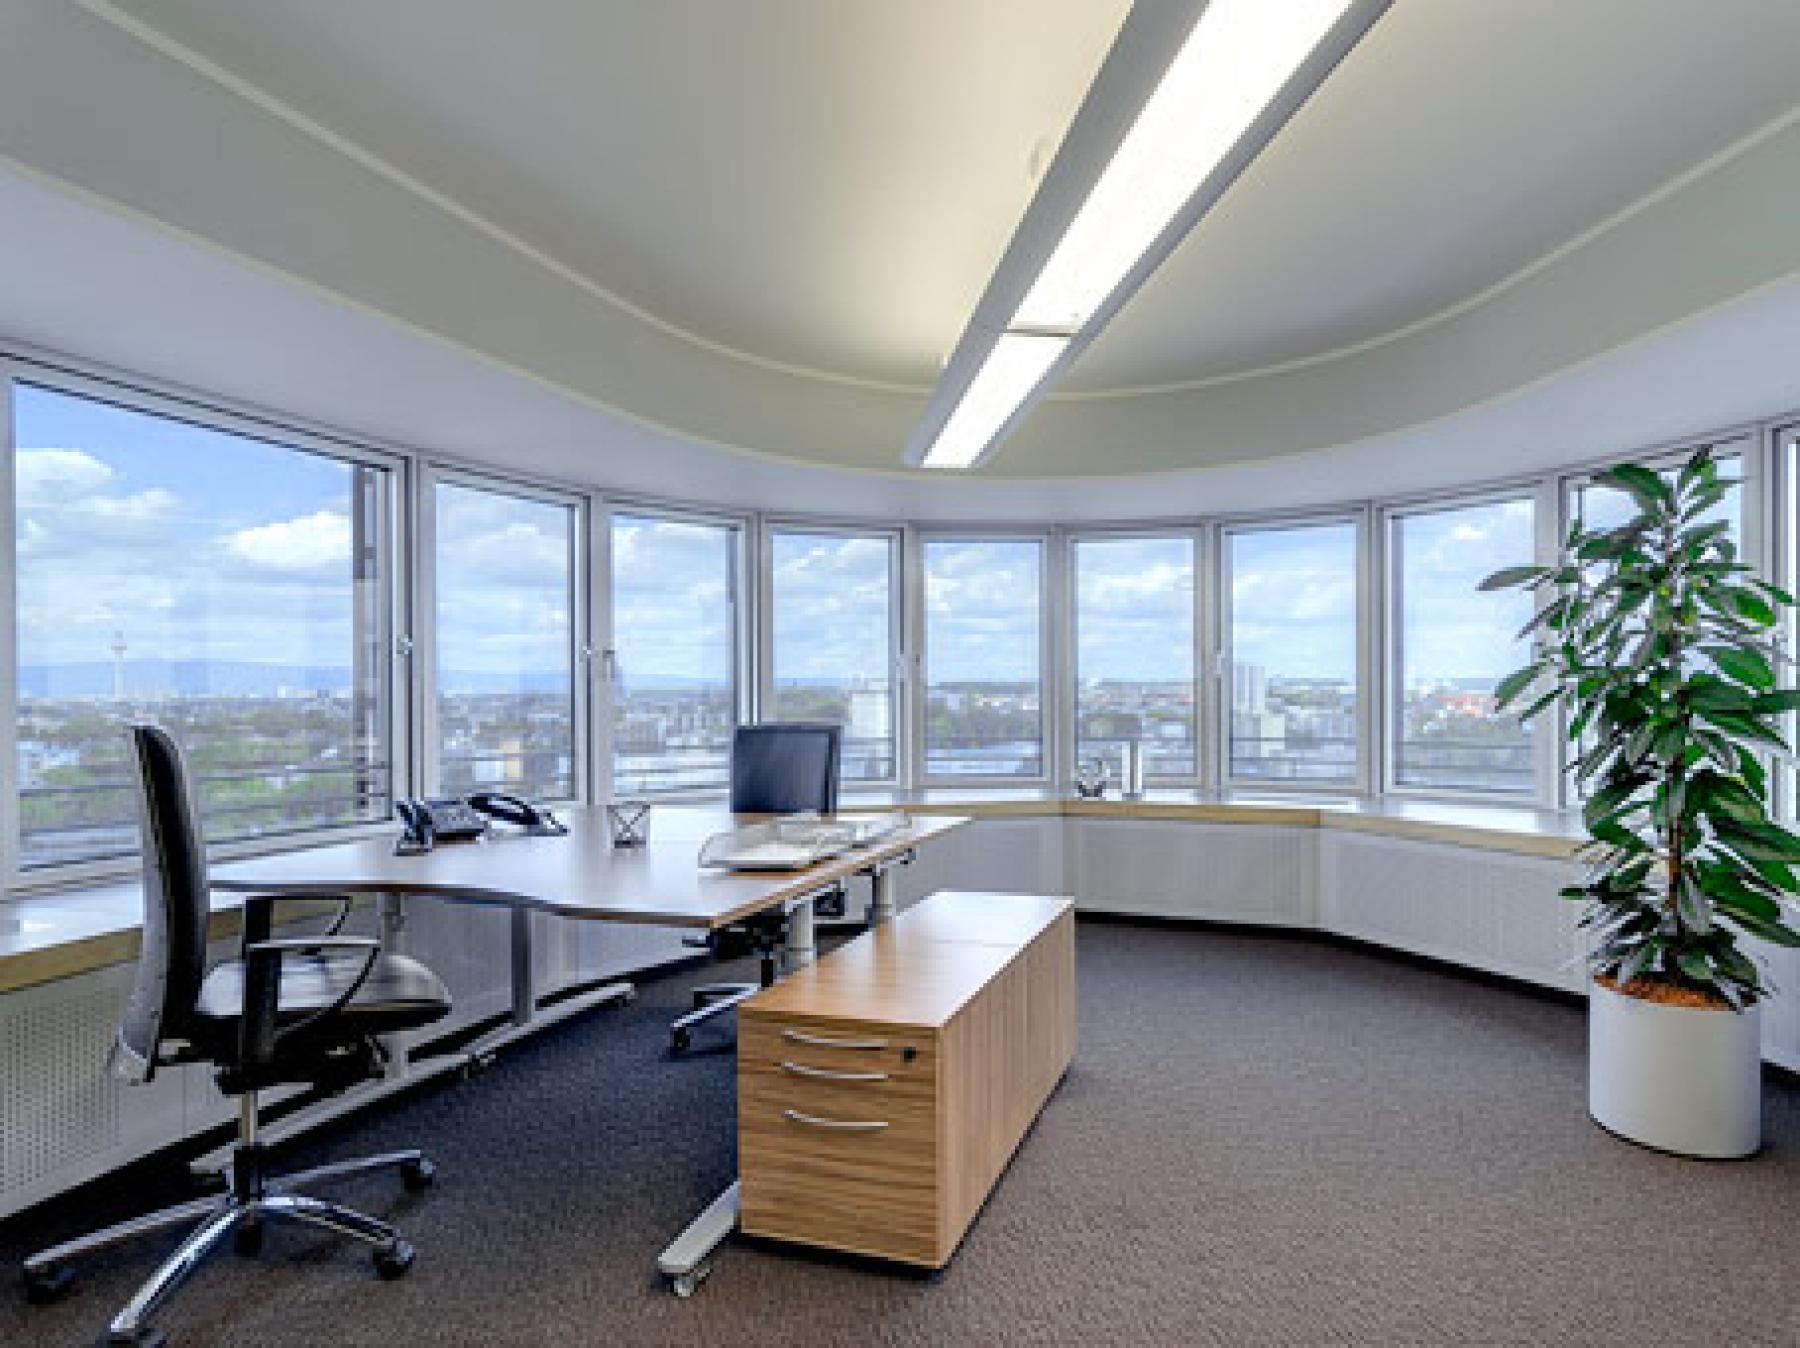 Fantastisches Büro mieten in Frankfurt Ost